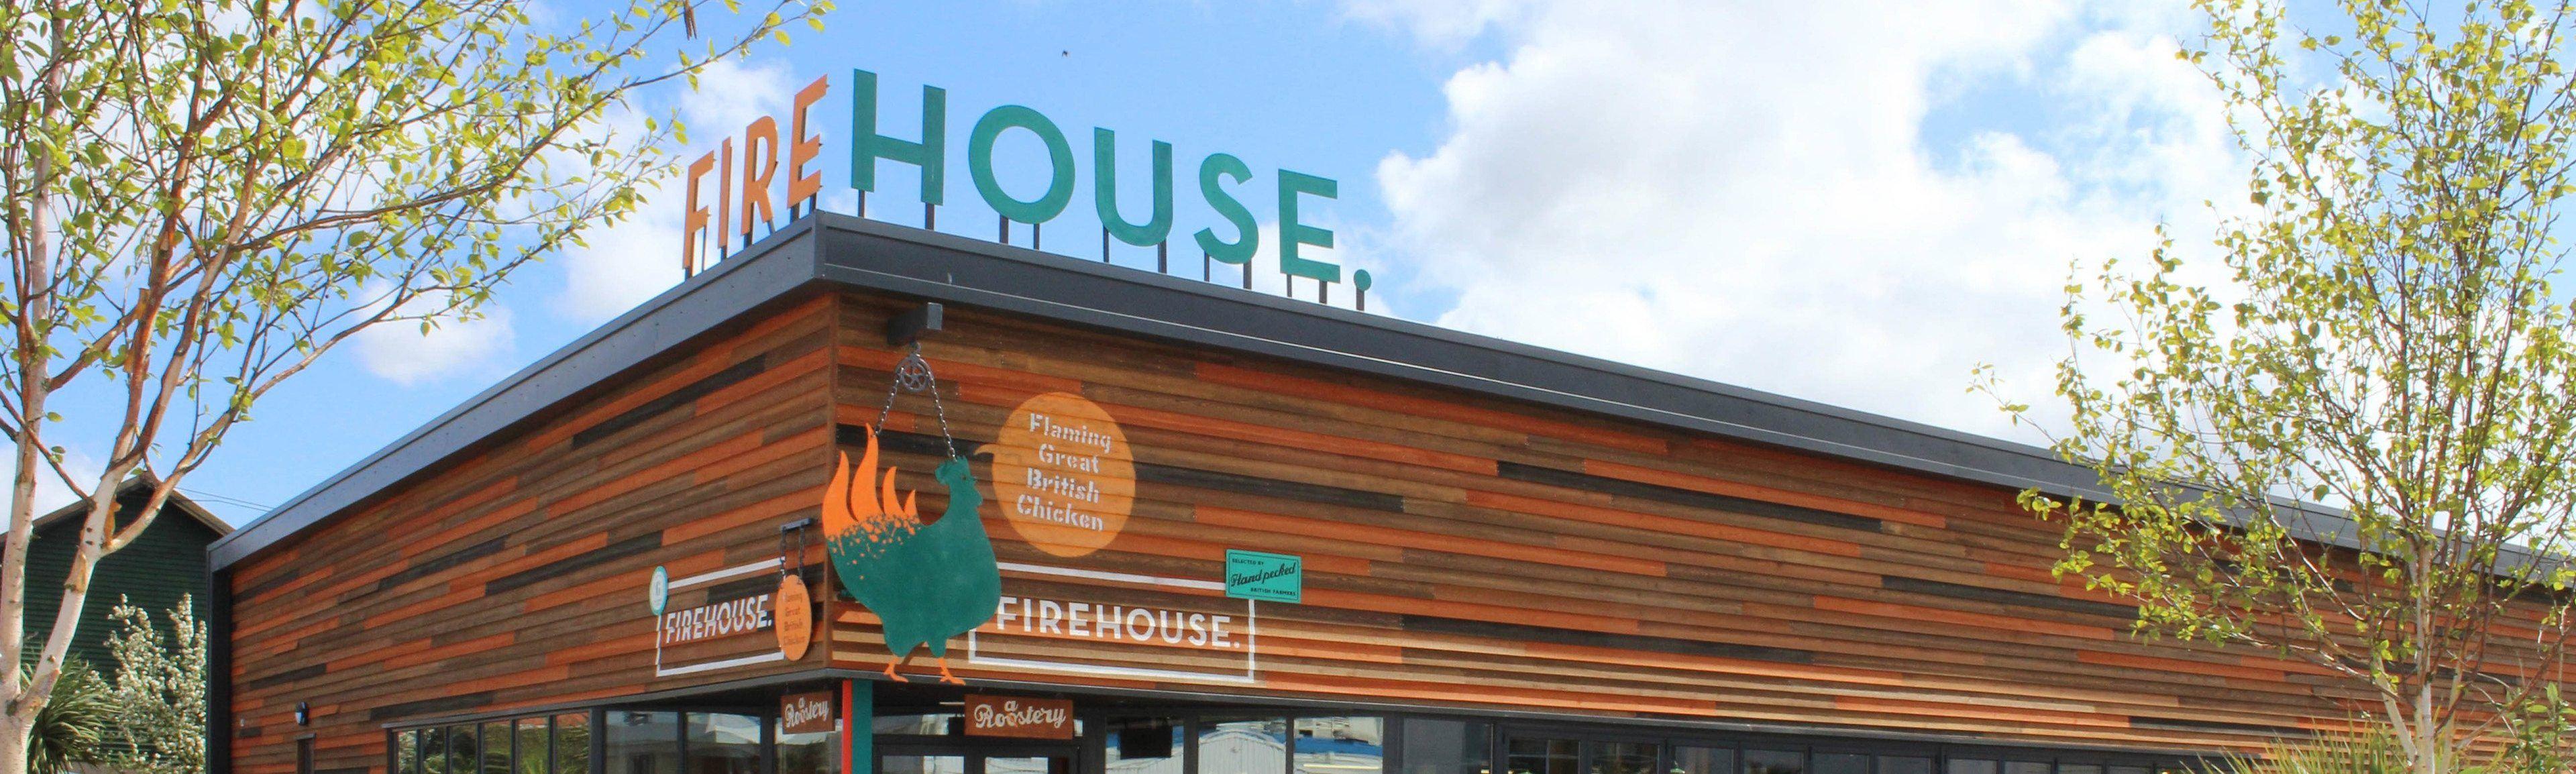 Fire House, Butlin's